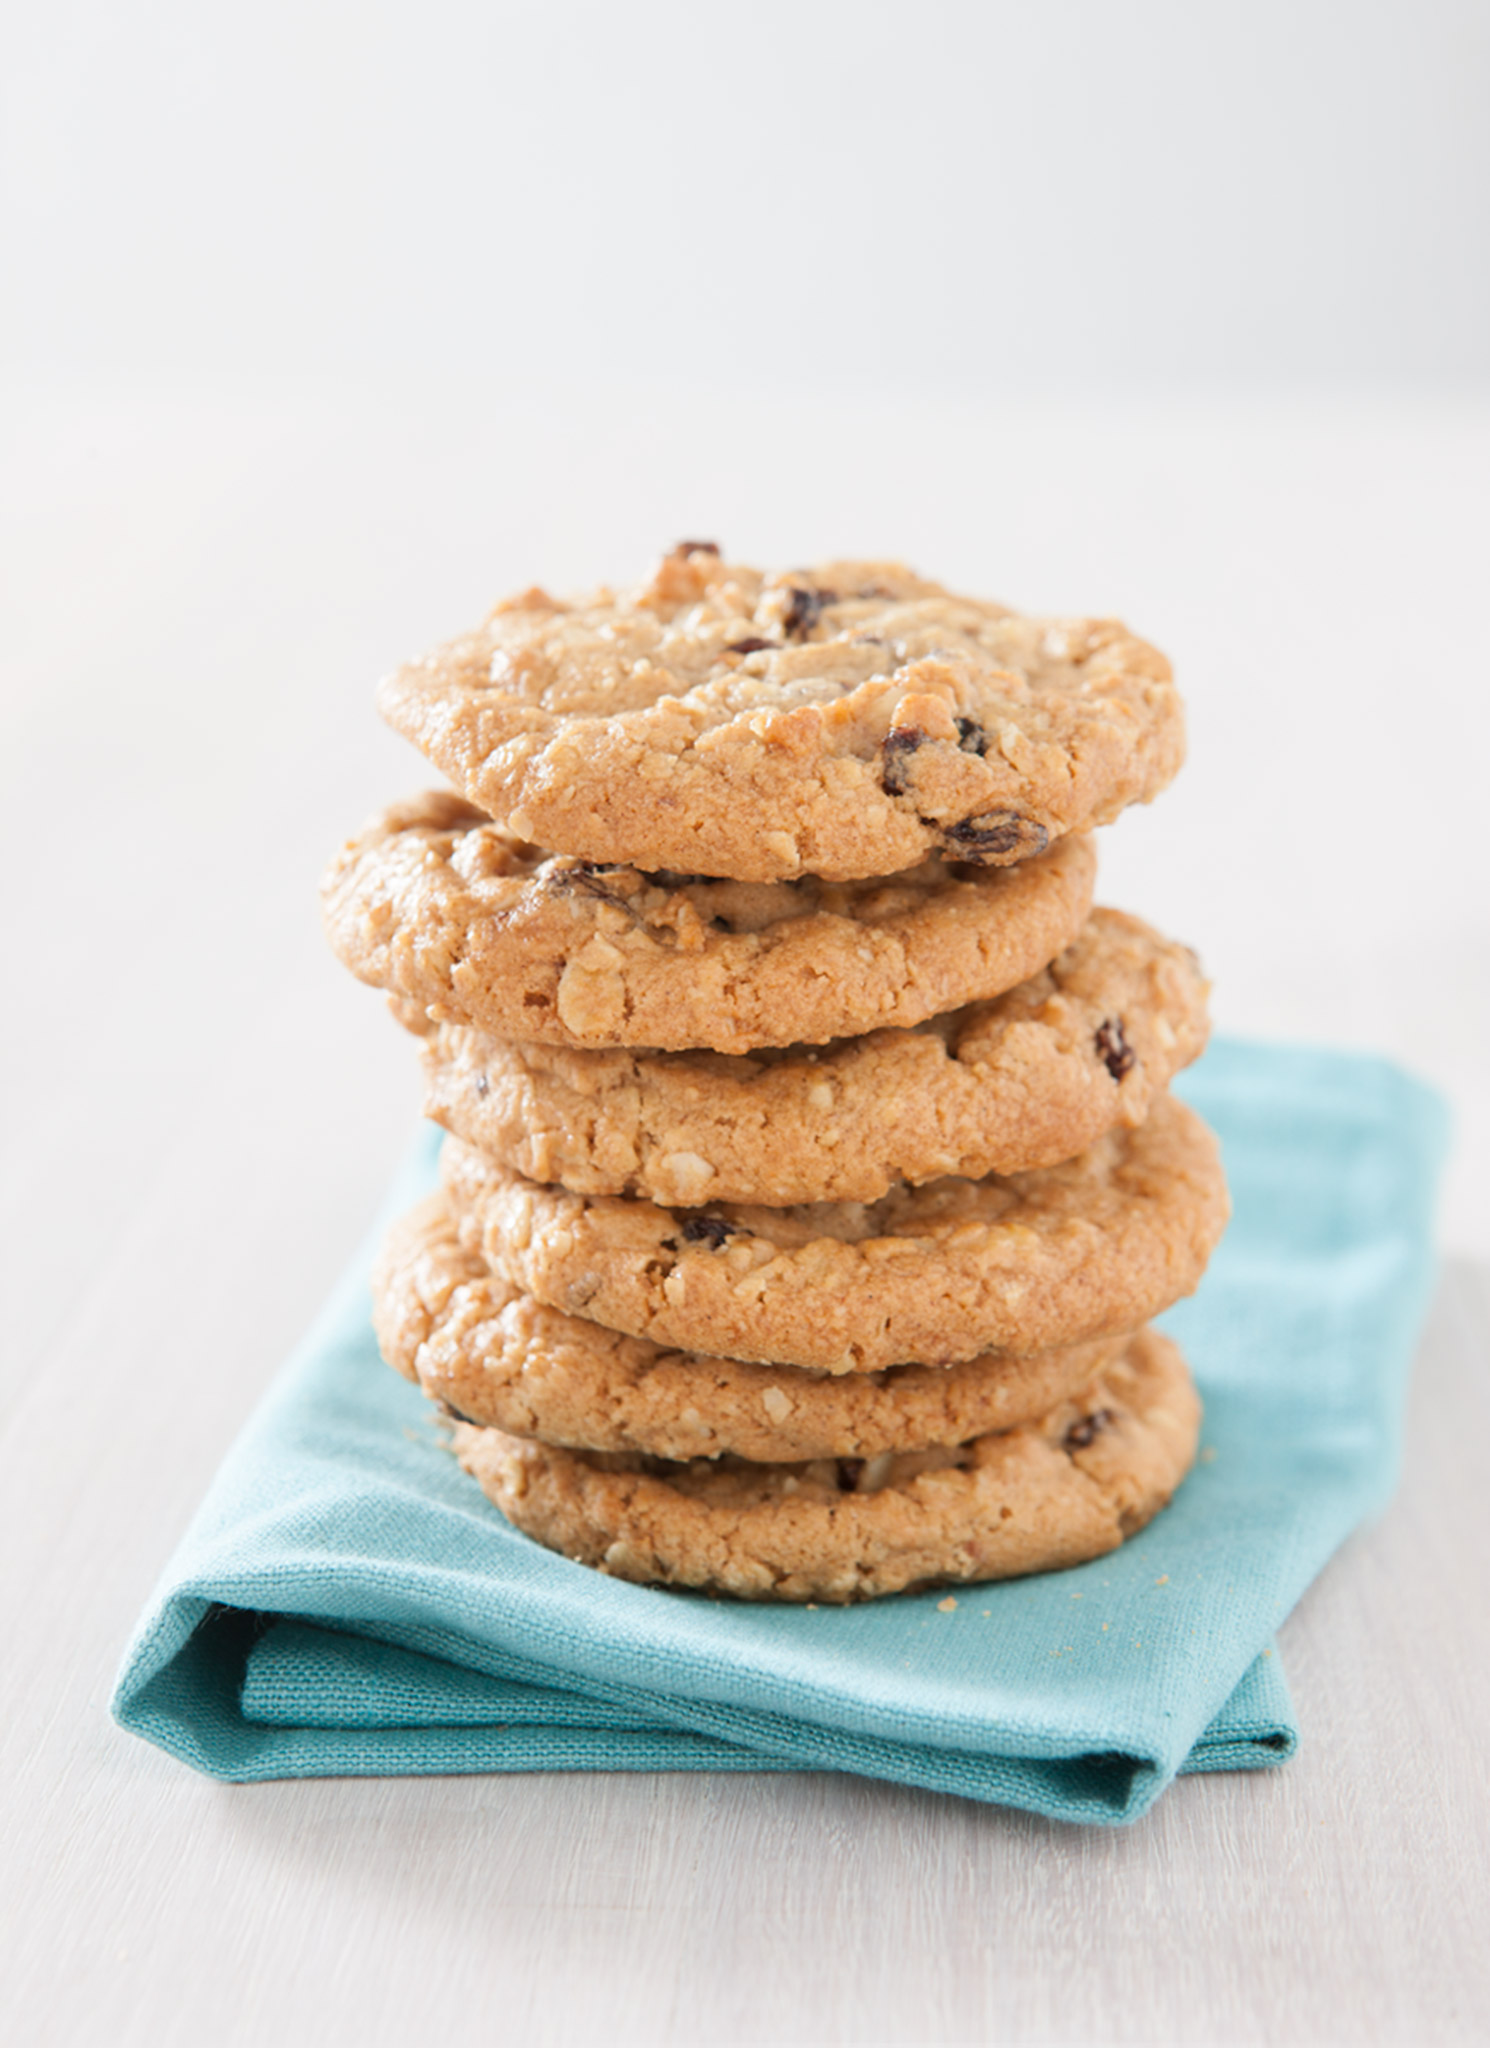 SS130425-Cookies-0748.jpg